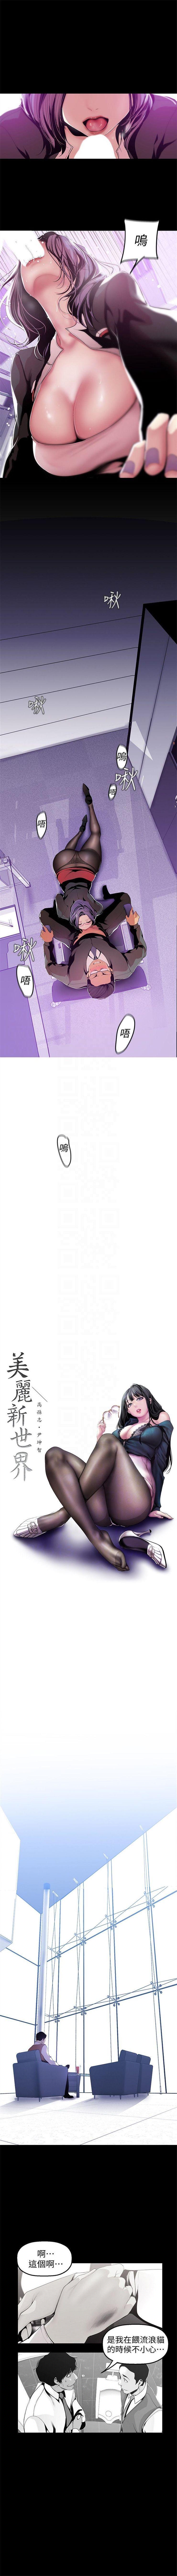 美麗新世界 1-85 官方中文(連載中) 342